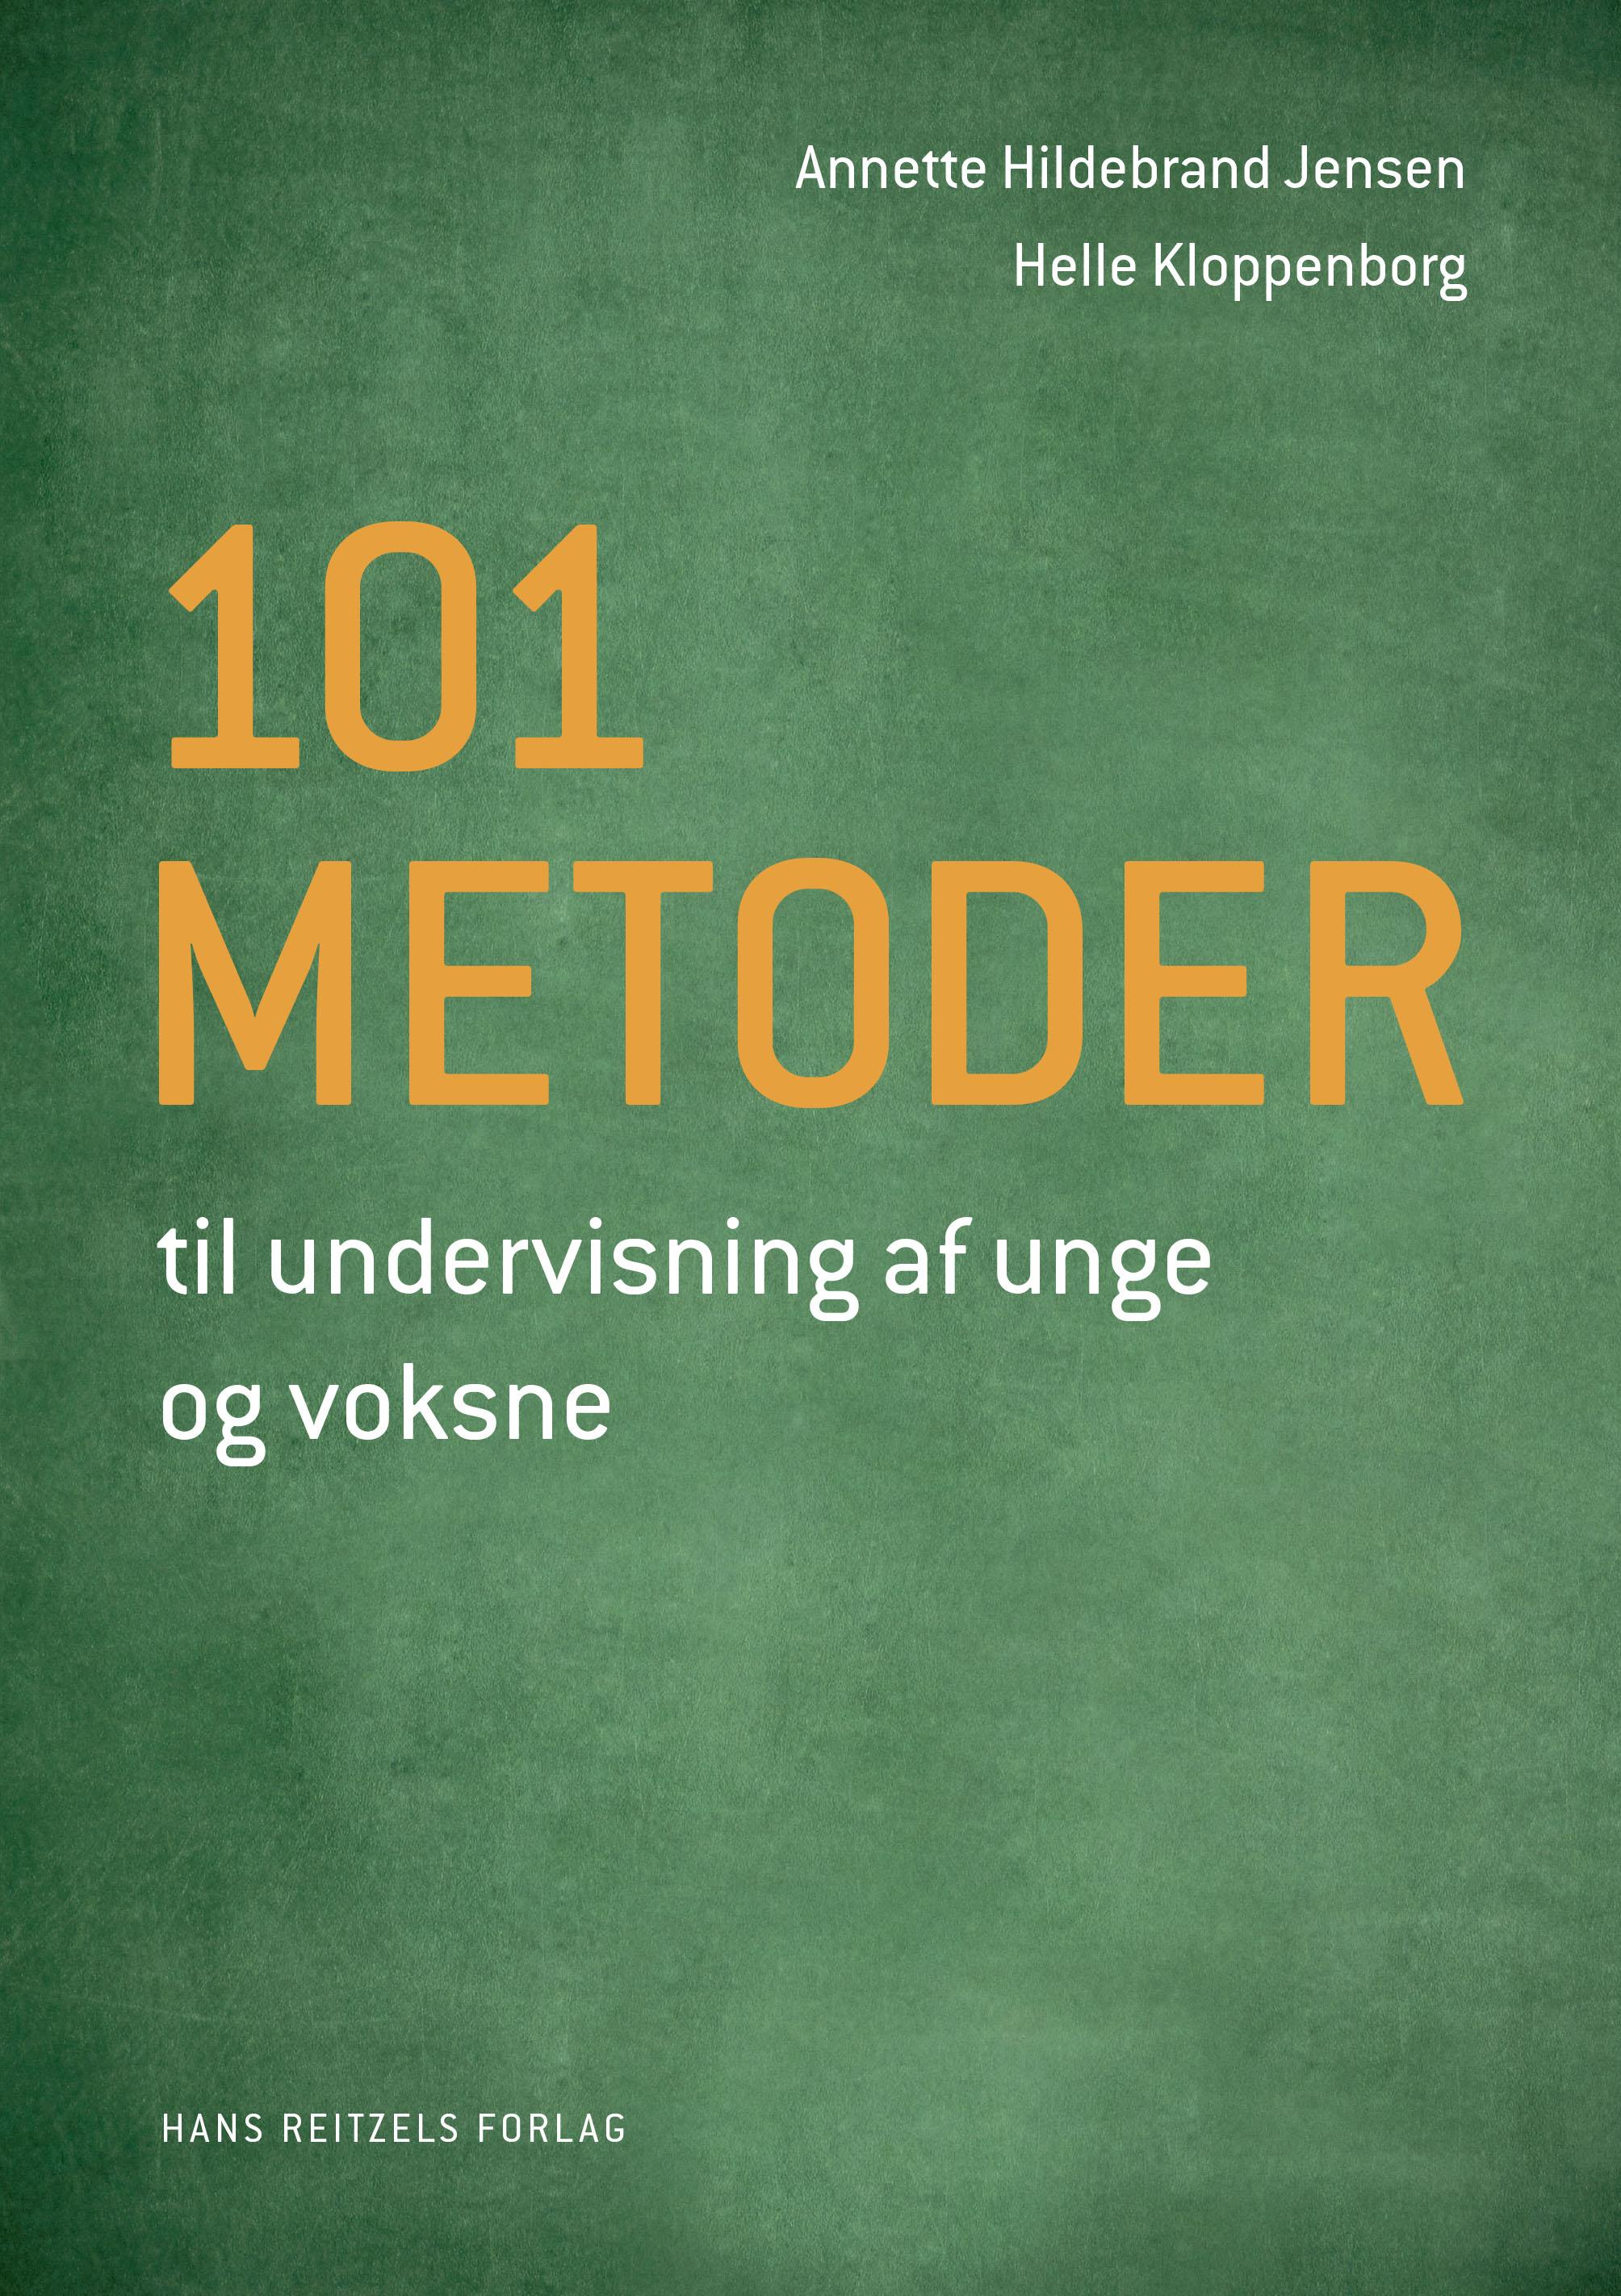 101 metoder til undervisning af unge og voksne